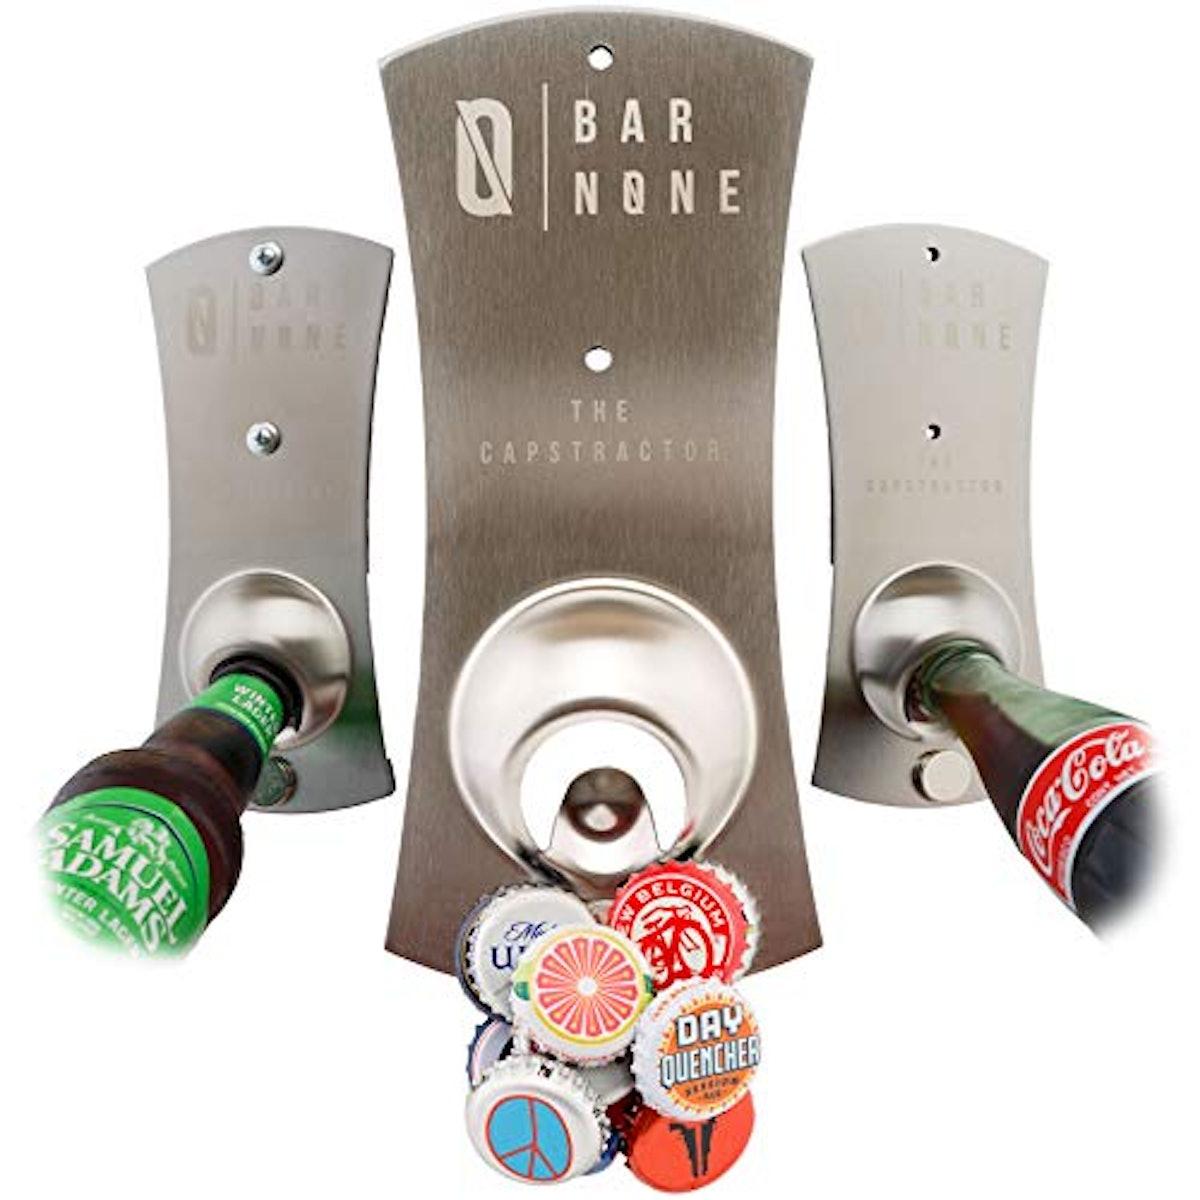 BAR NONE Magnetic Bottle Opener